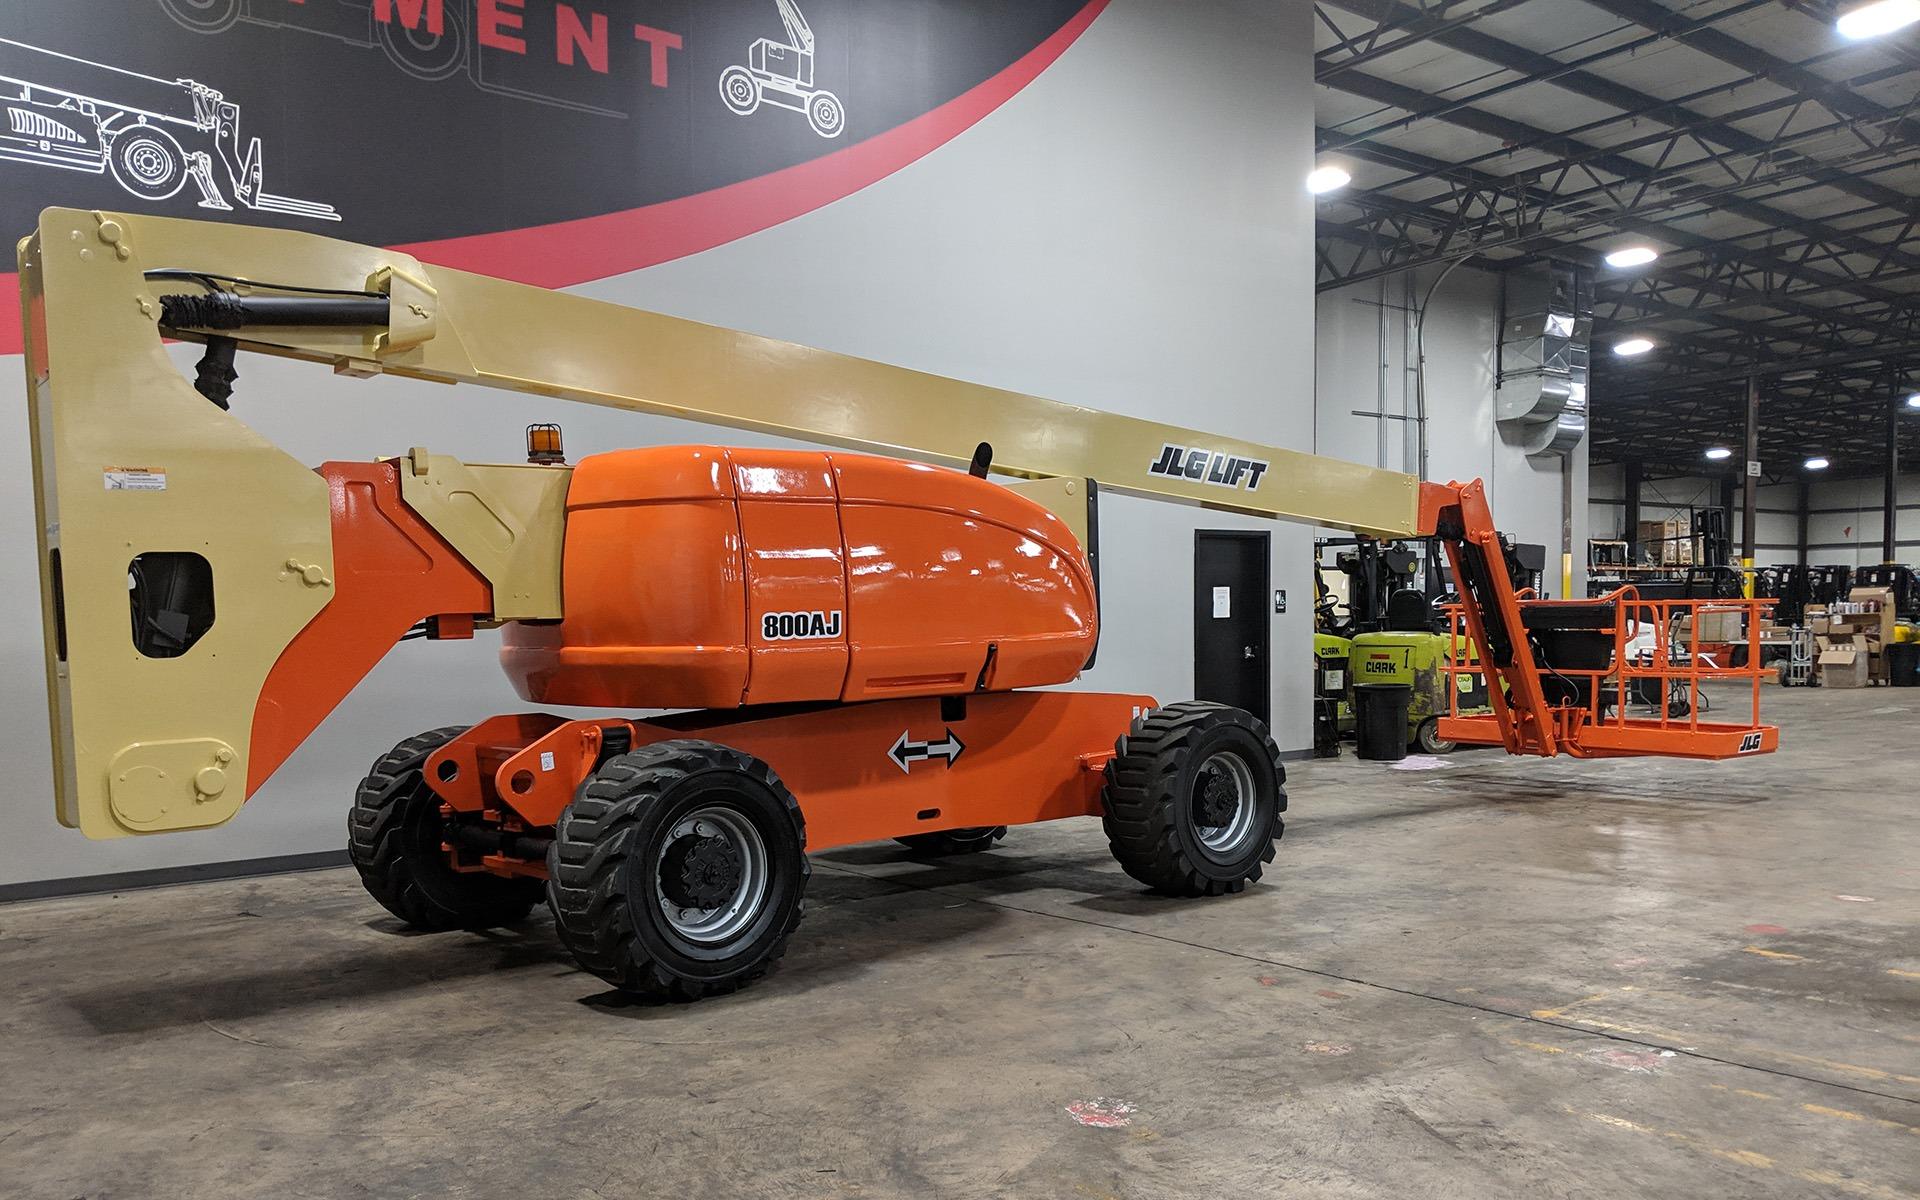 Used 2002 JLG 800AJ  | Cary, IL